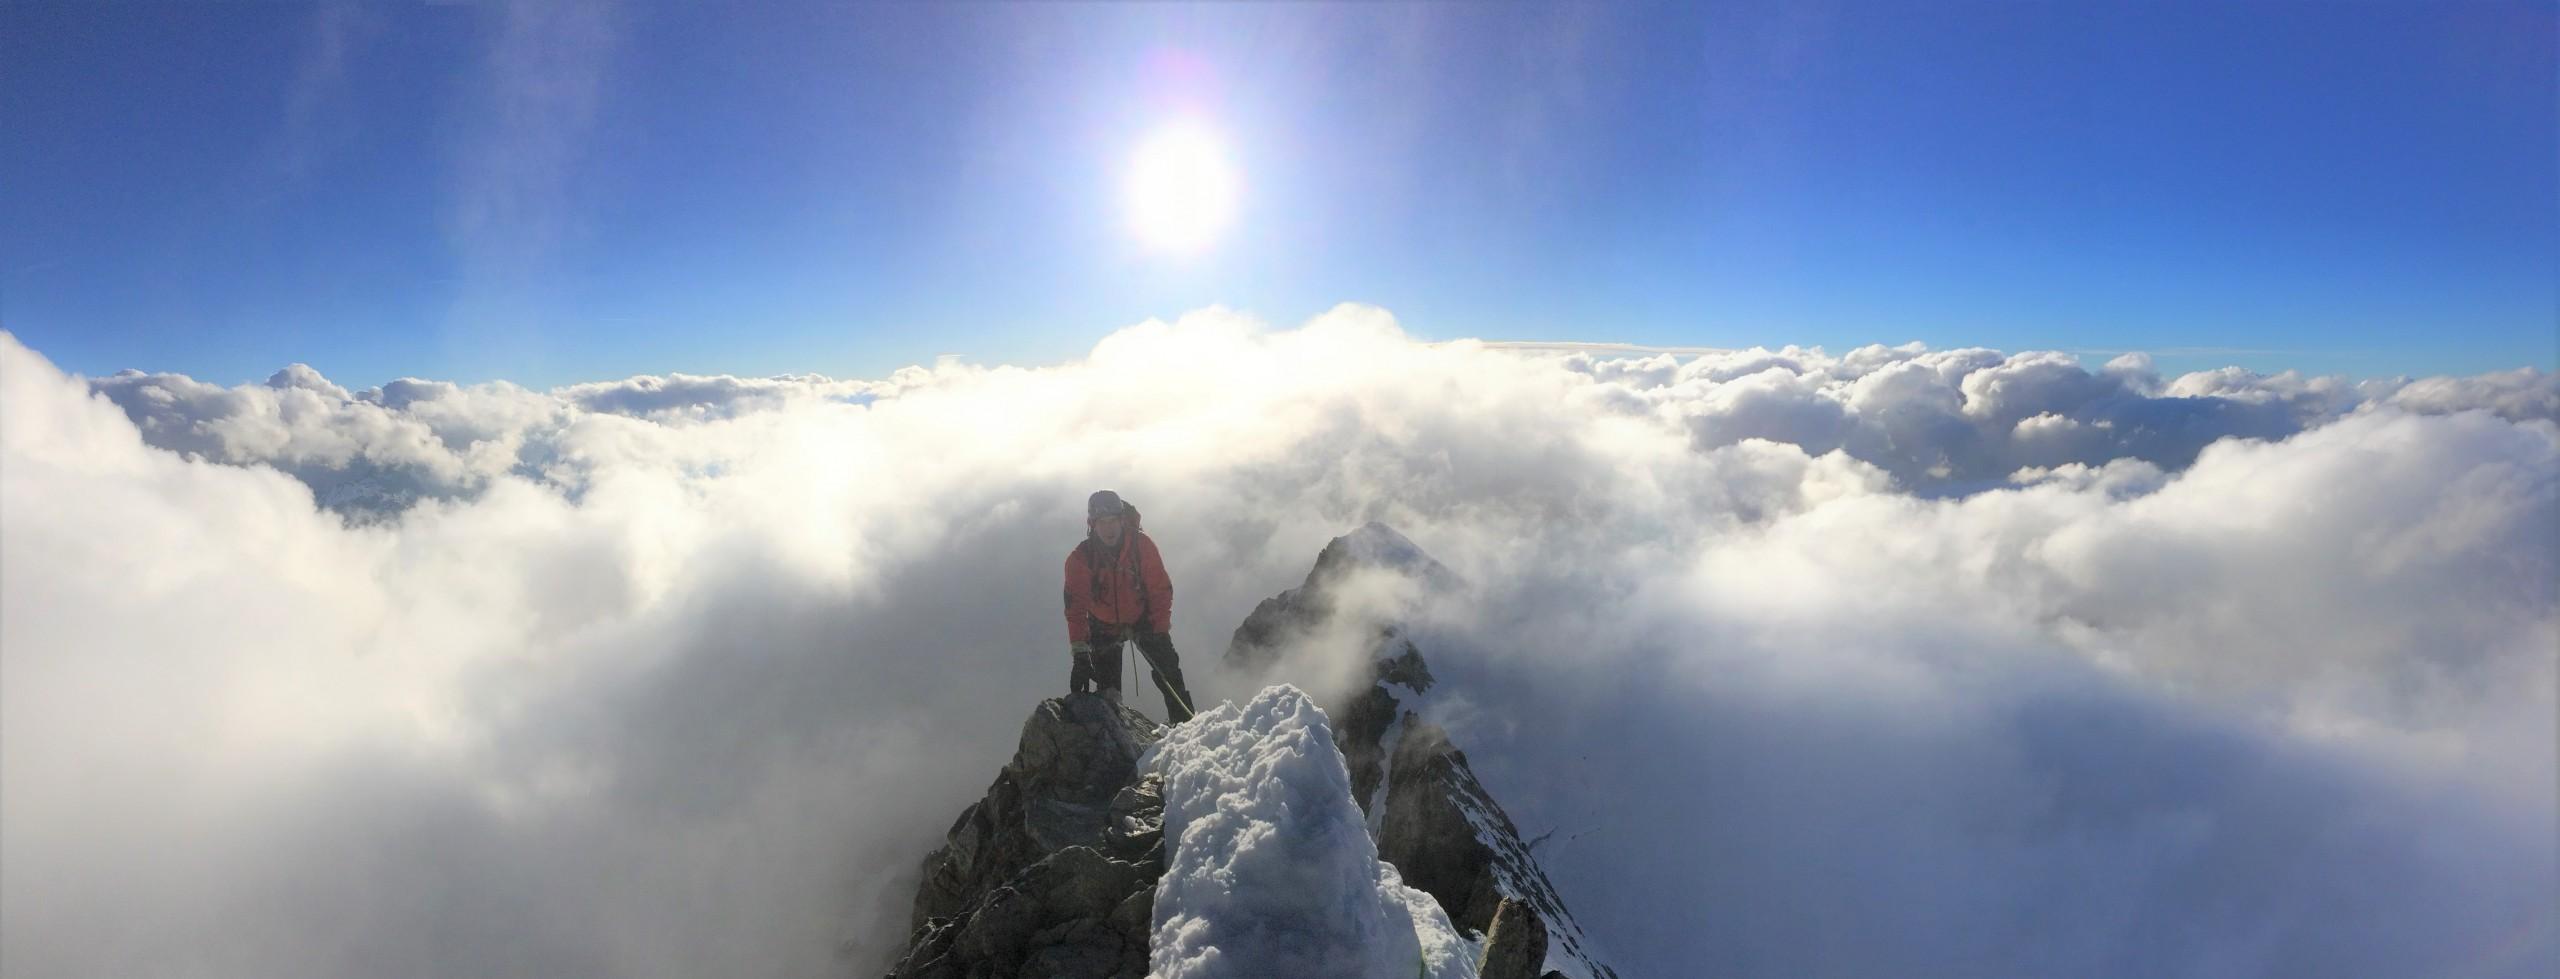 Stages escalade et canyoning dans les Hautes Alpes, les Écrins et le Queyras l'été!